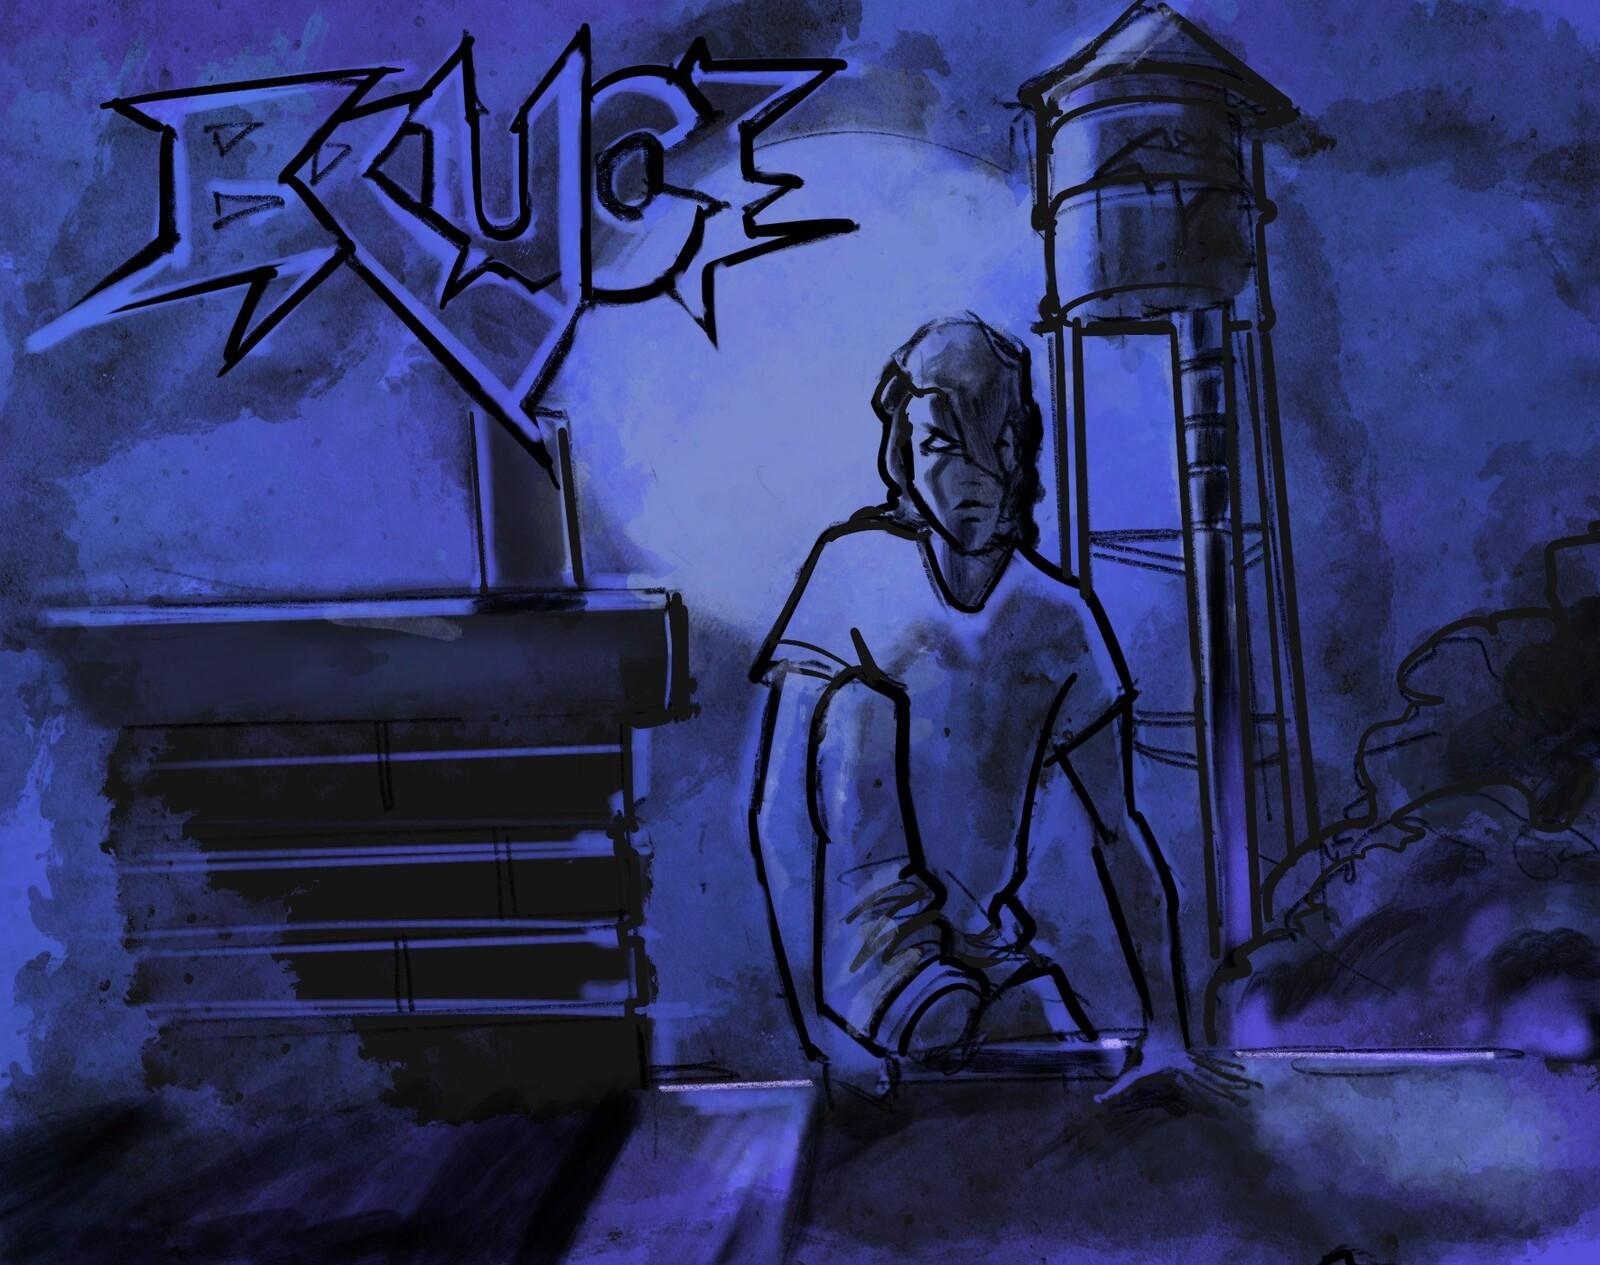 Bruce-cover art